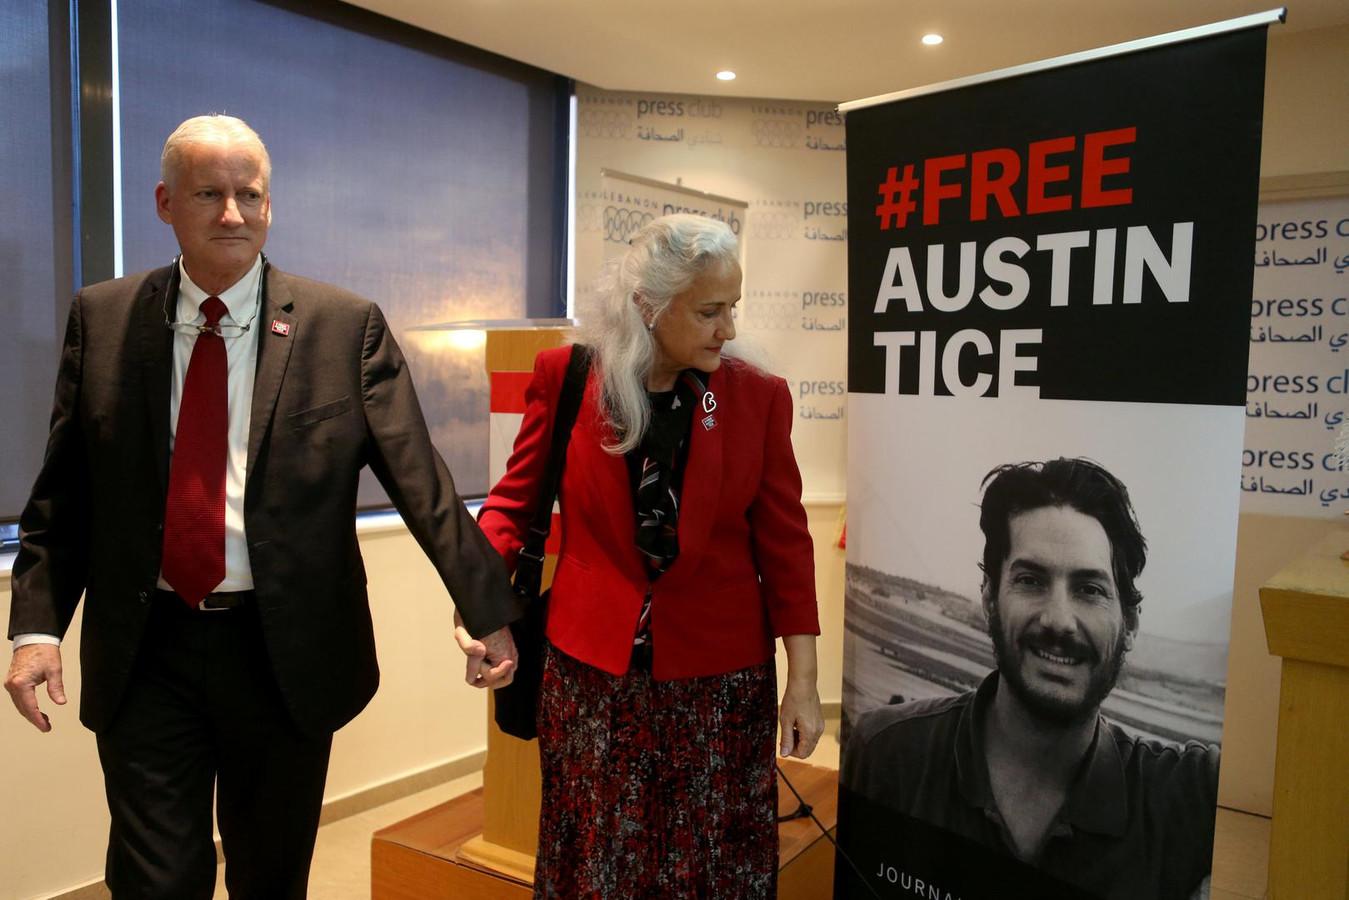 De ouders van de in Syrië verdwenen Amerikaanse journalist Austin Tice (rechts op beeld) houden een persconferentie. Archiefbeeld.